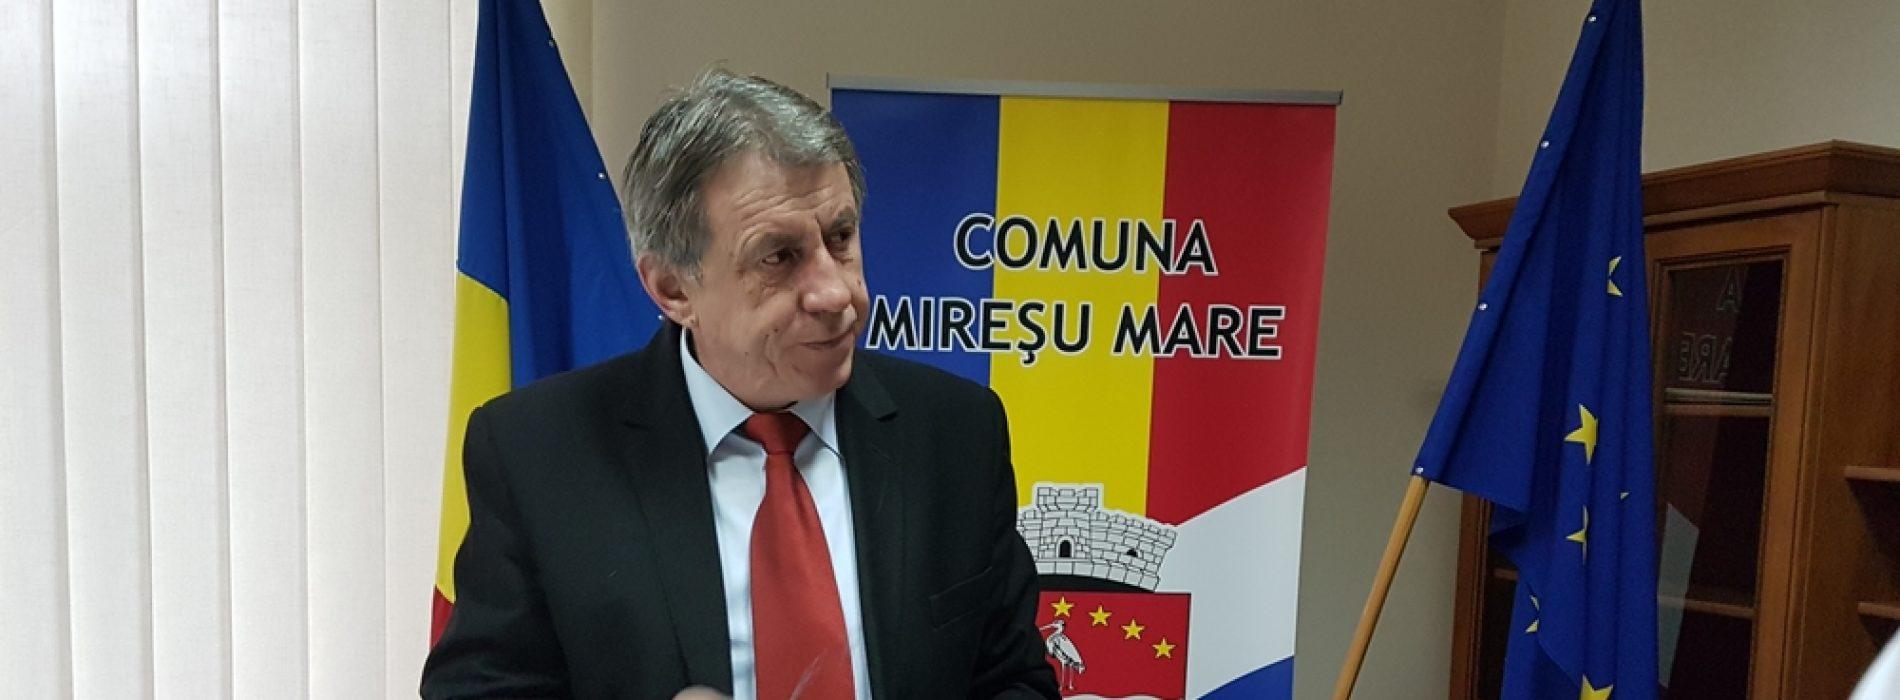 """Primarul Ioan Mătieș: """"Paştele să-ţi întărească încrederea şi speranţa!"""""""